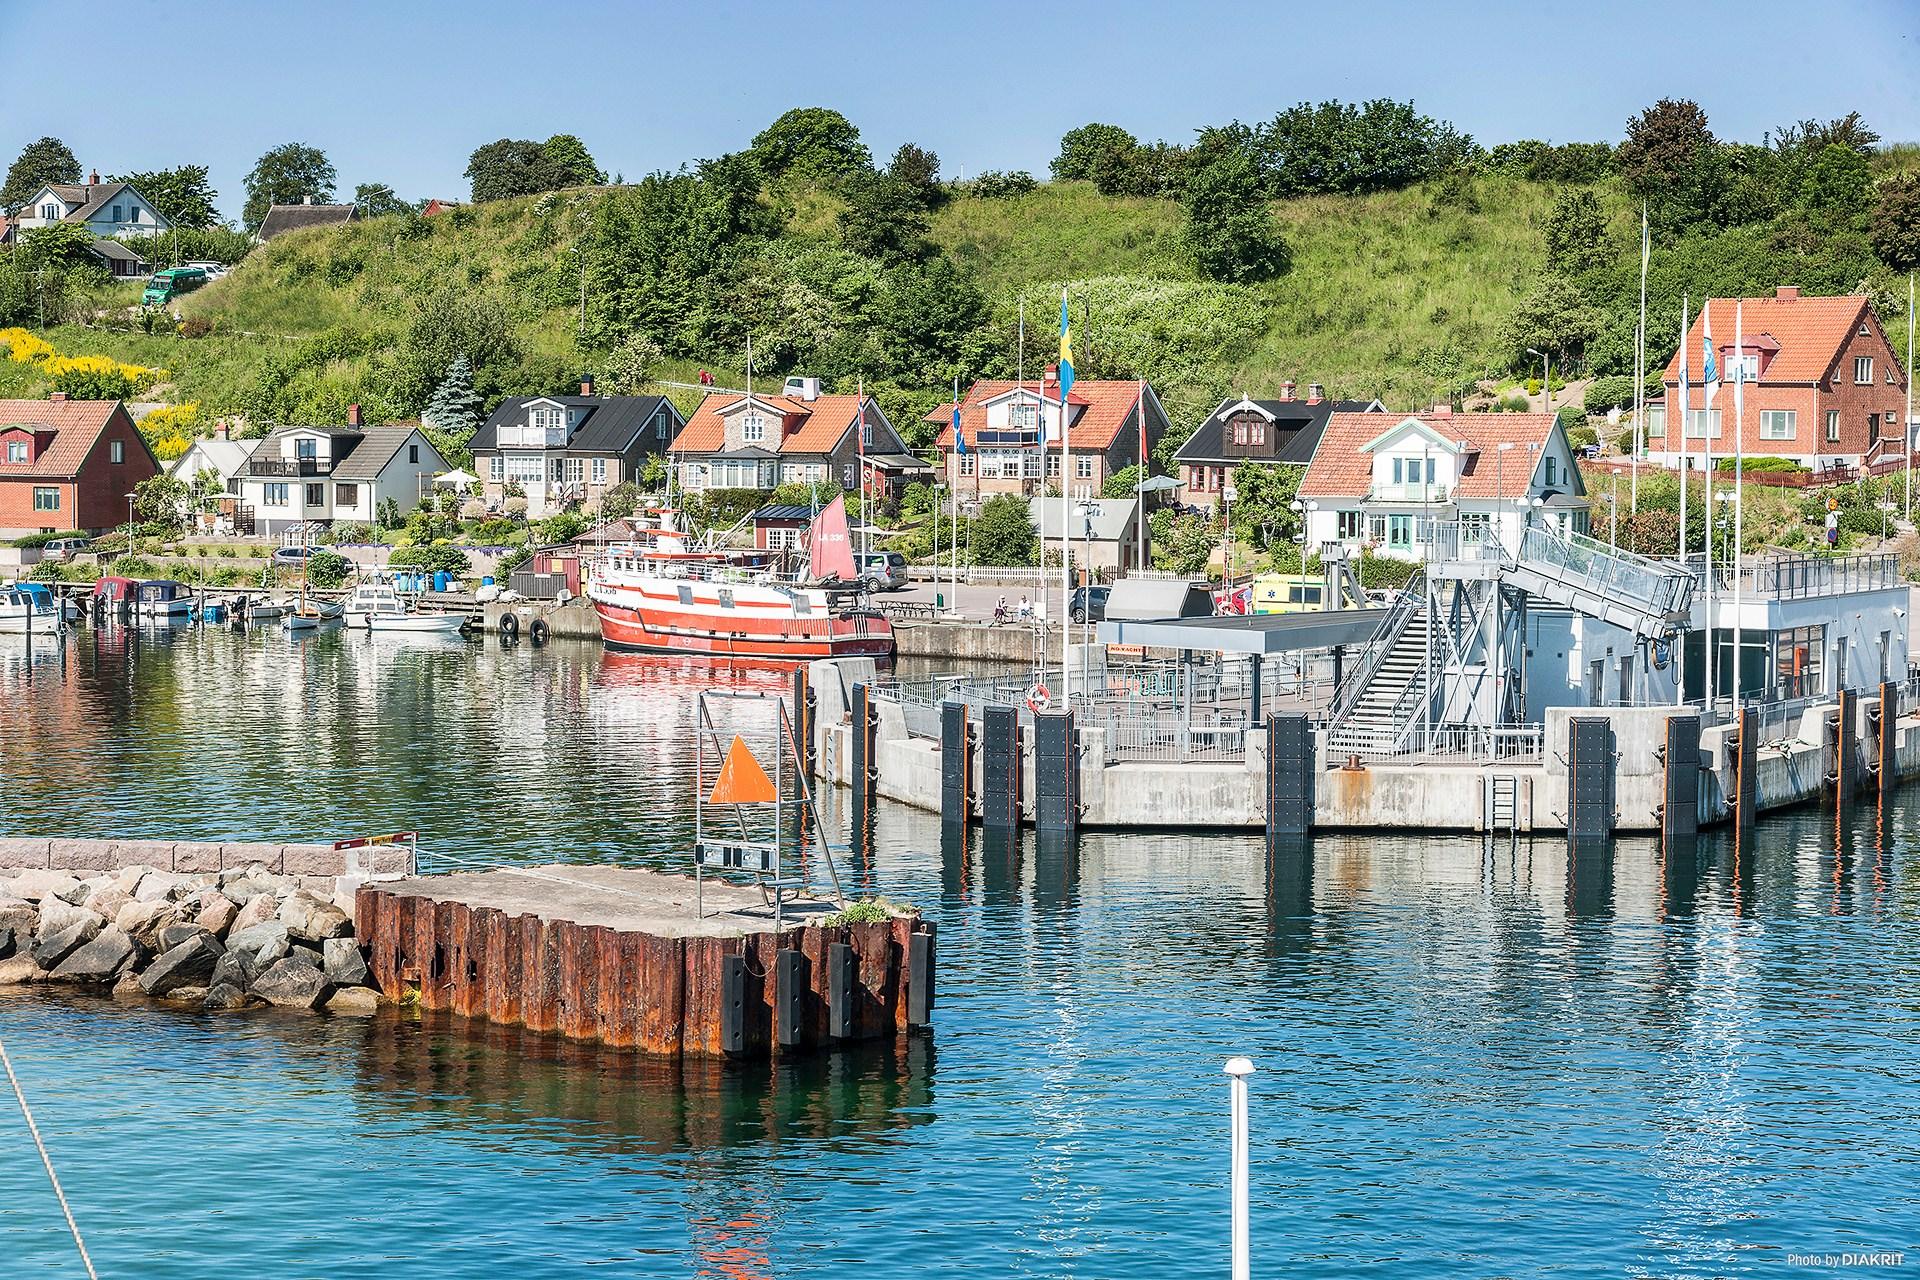 Bäckvikens välkomnande hamn